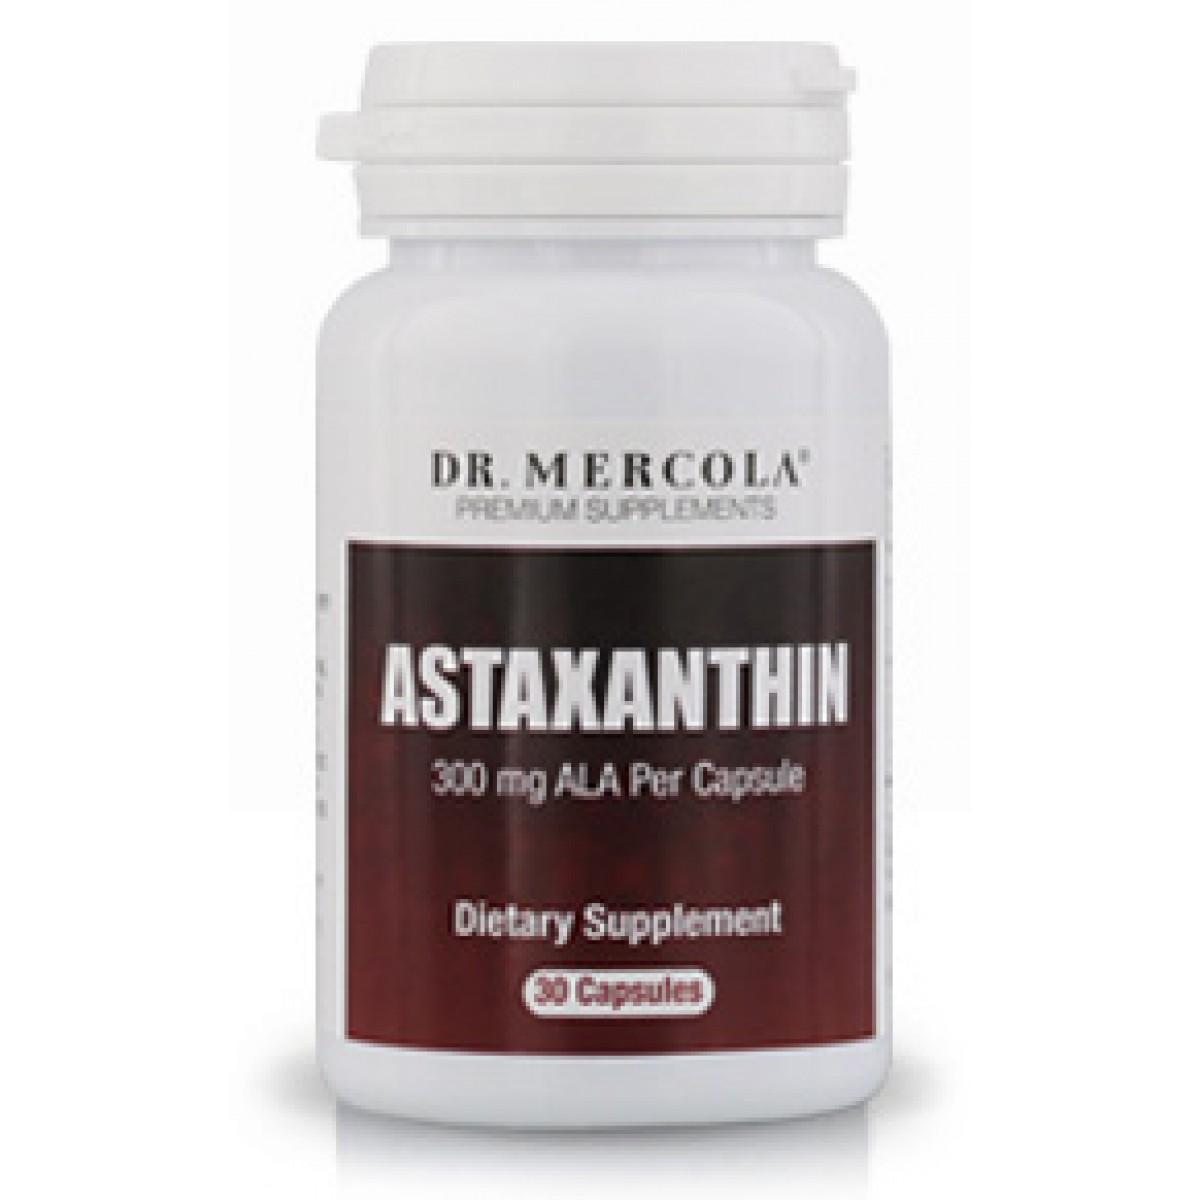 Astaxanthin testimonials